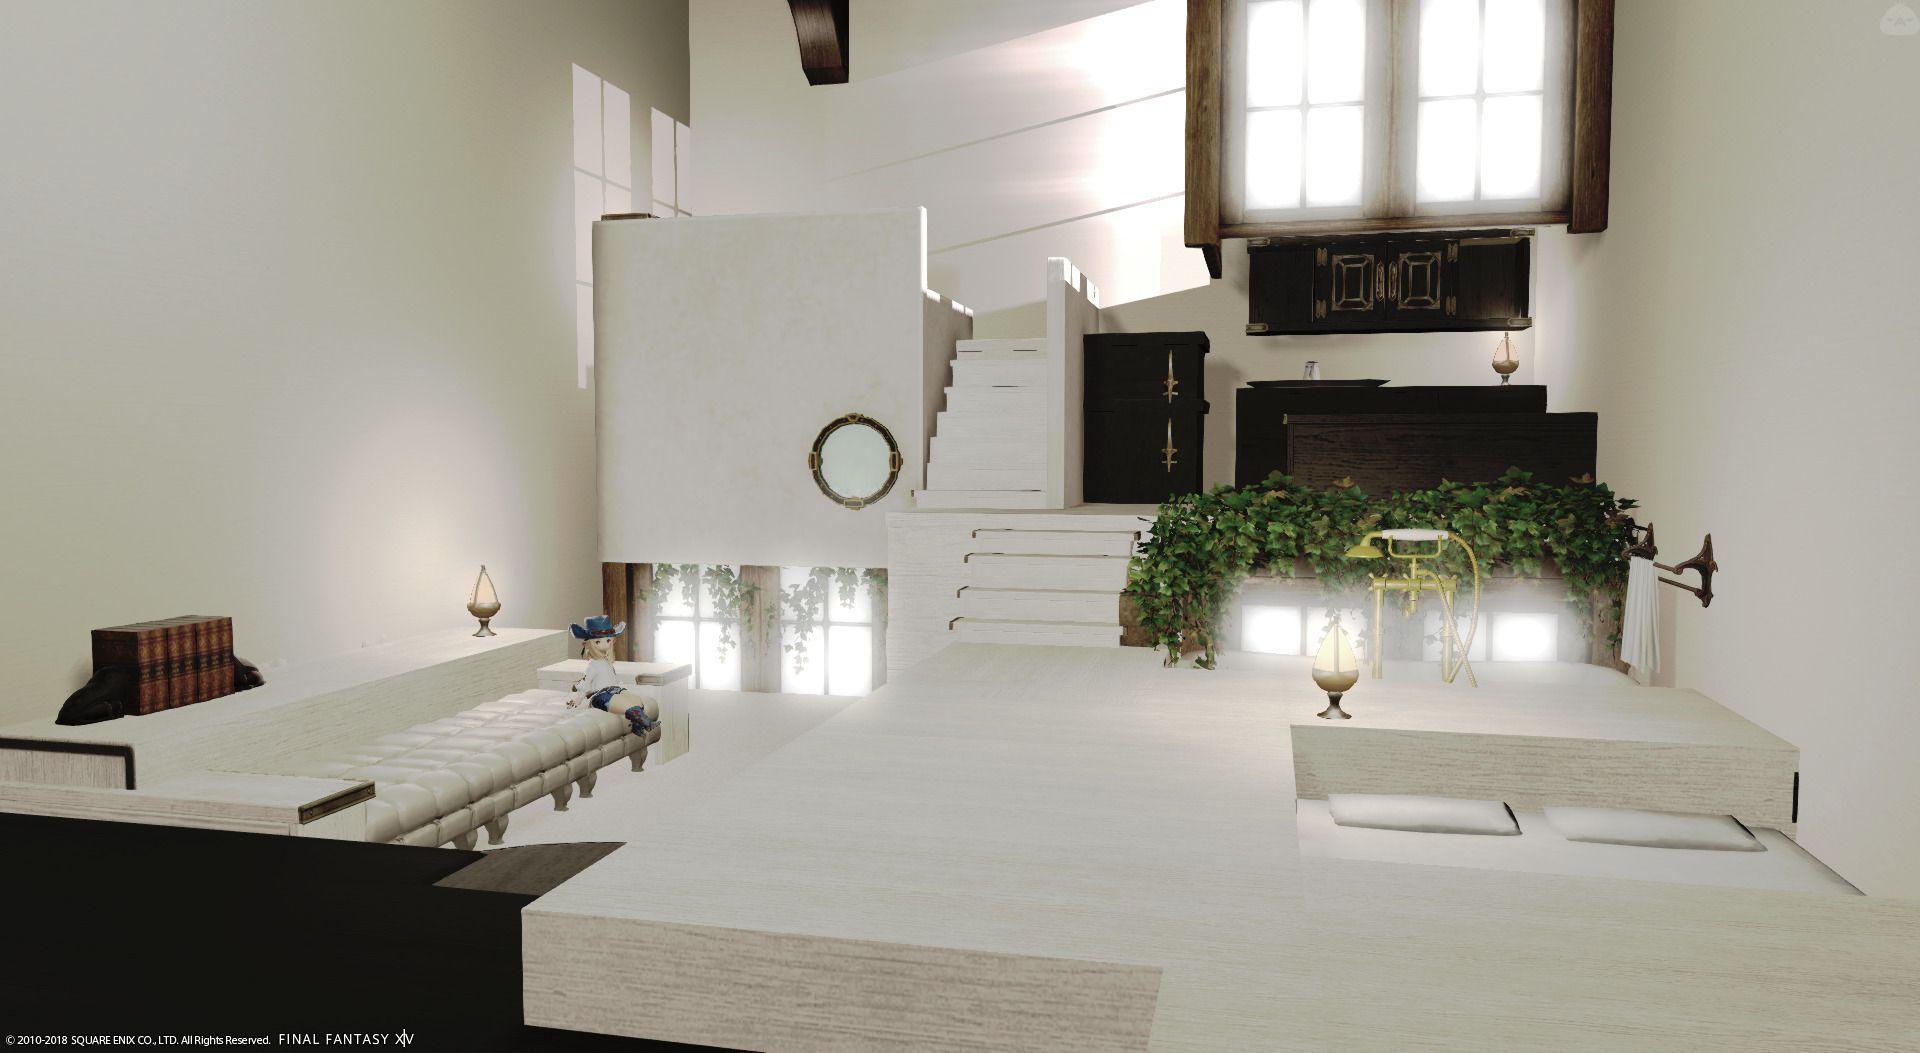 ララフェル用のスキップフロアのアパルトメントです 1階は寝室 リビング お風呂です スキップフロア2階はキッチンです スキップフロア3階は2畳の和室です 家具等はツイッターにて掲載しております アパルトメント ララフェル インテリア